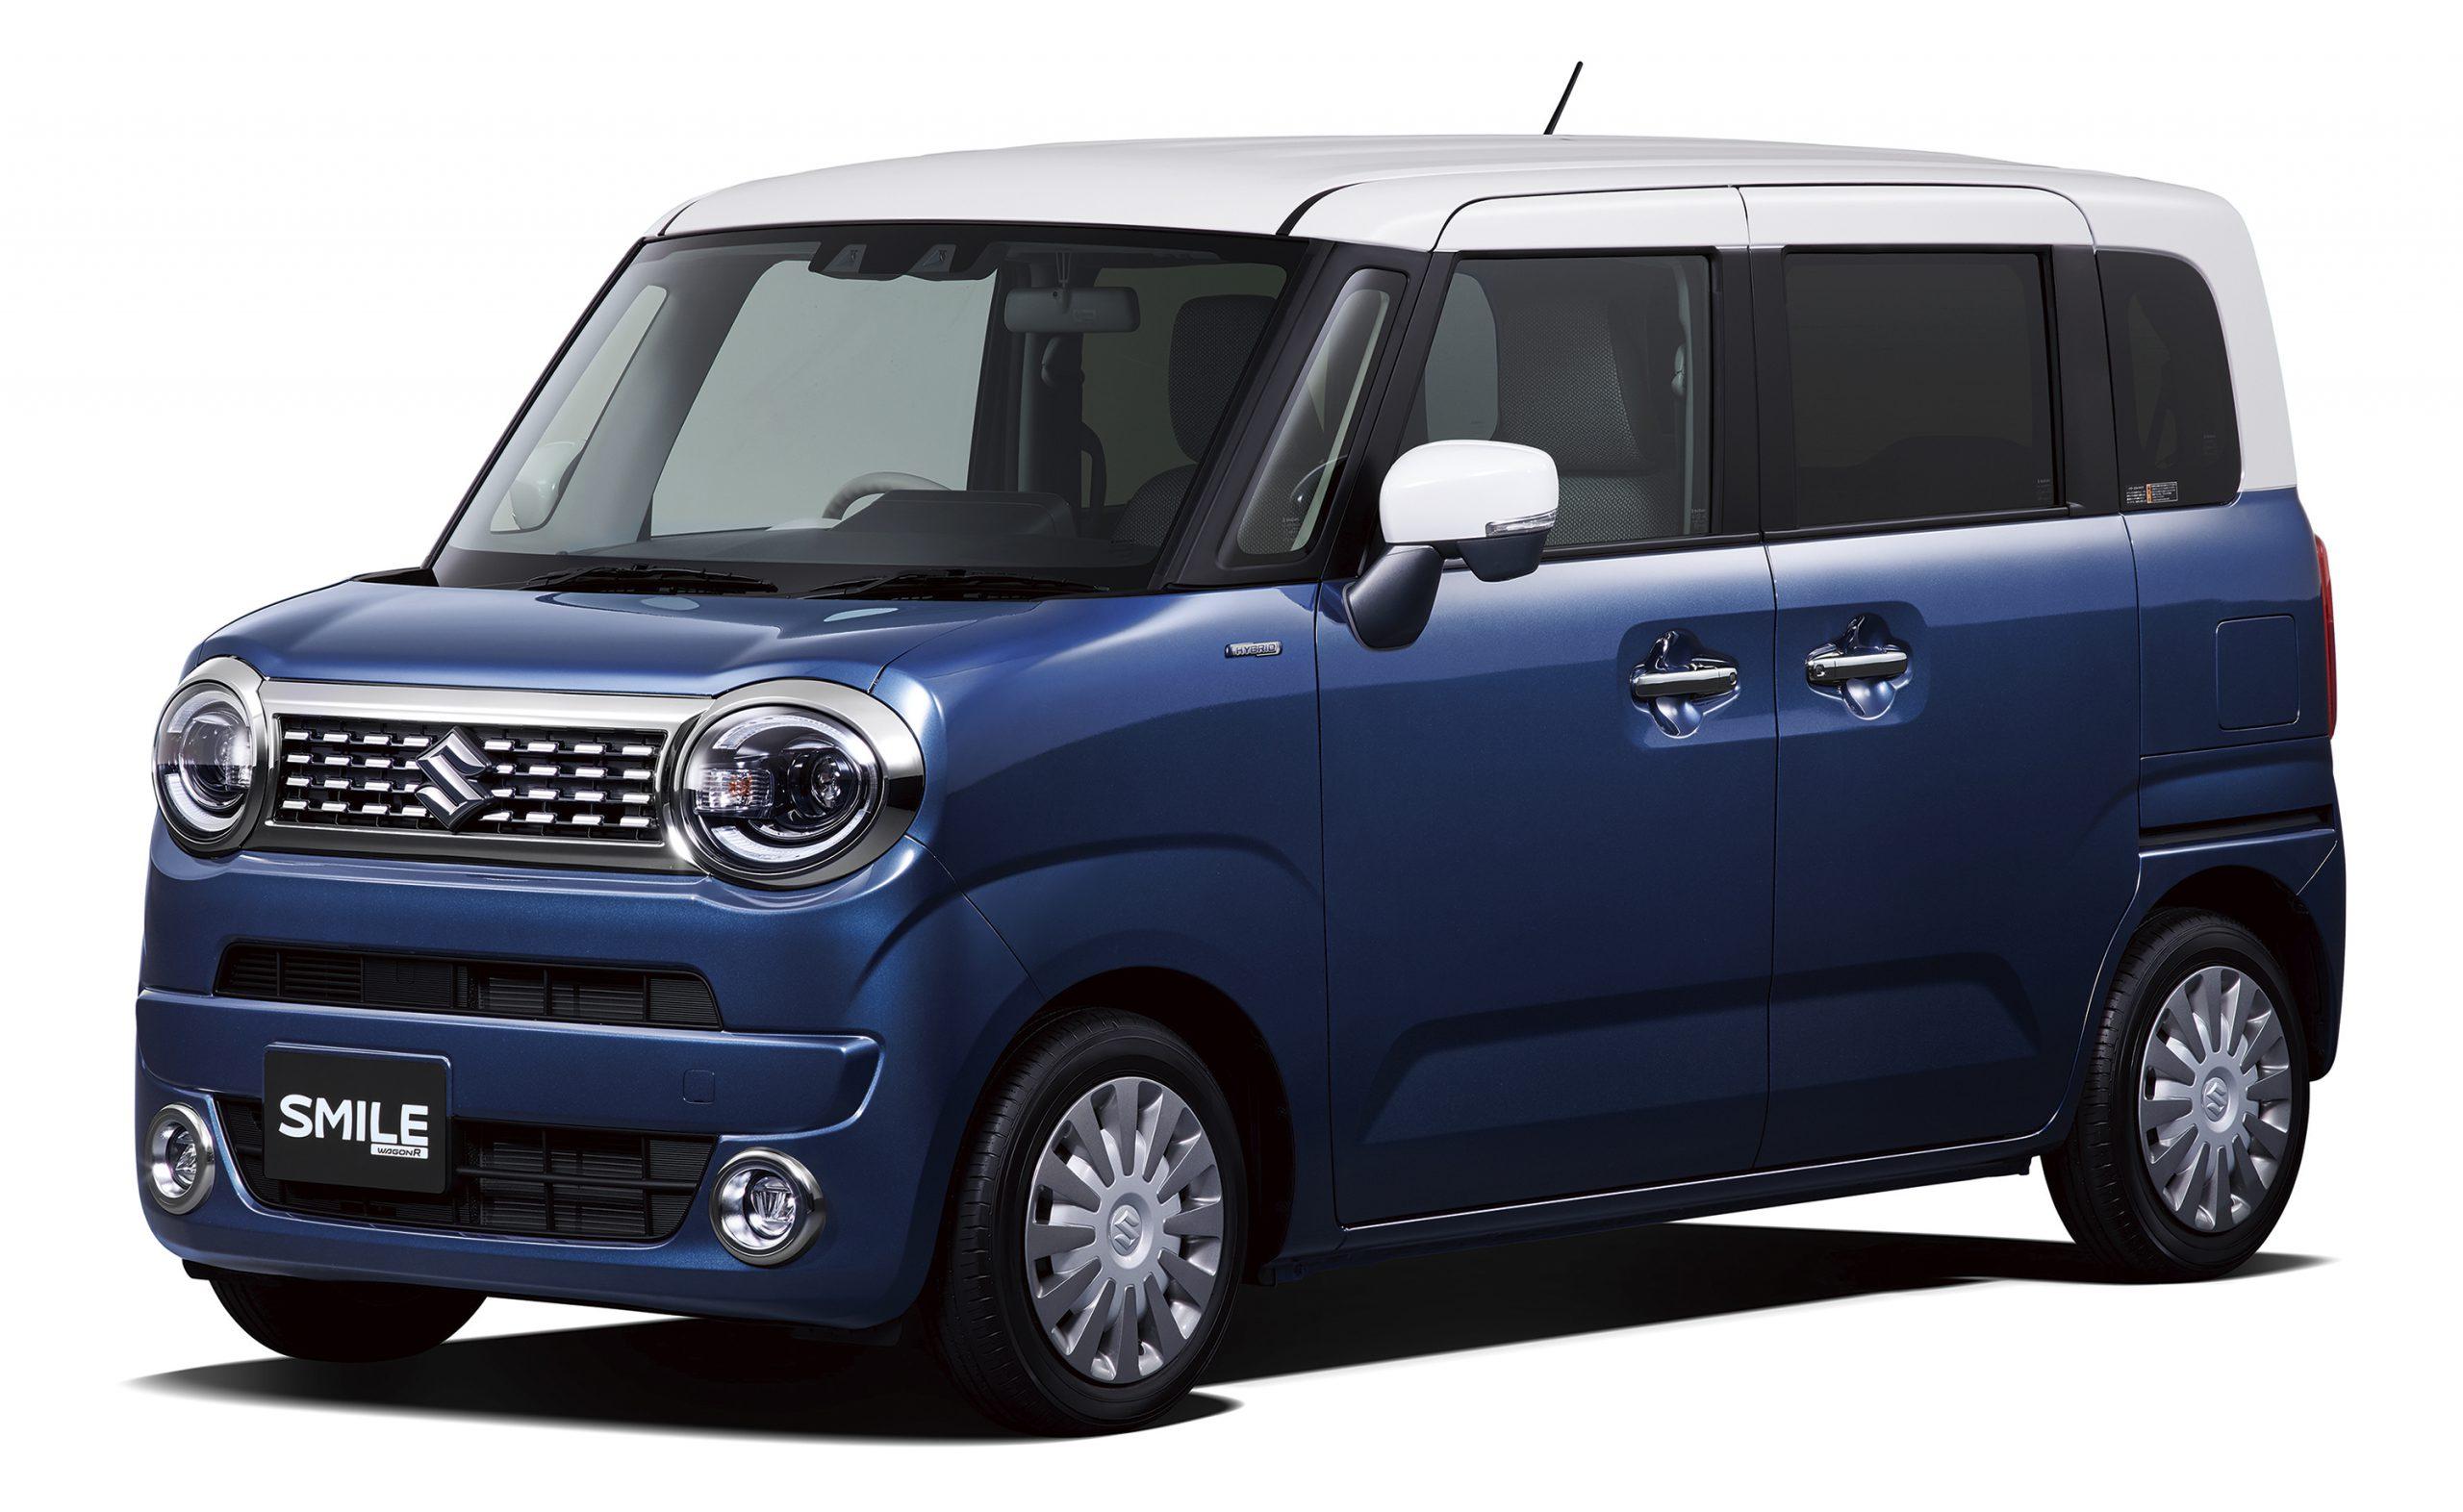 スズキ副代理店宝塚 ハリマモータースの展示車 wagonR SMILE